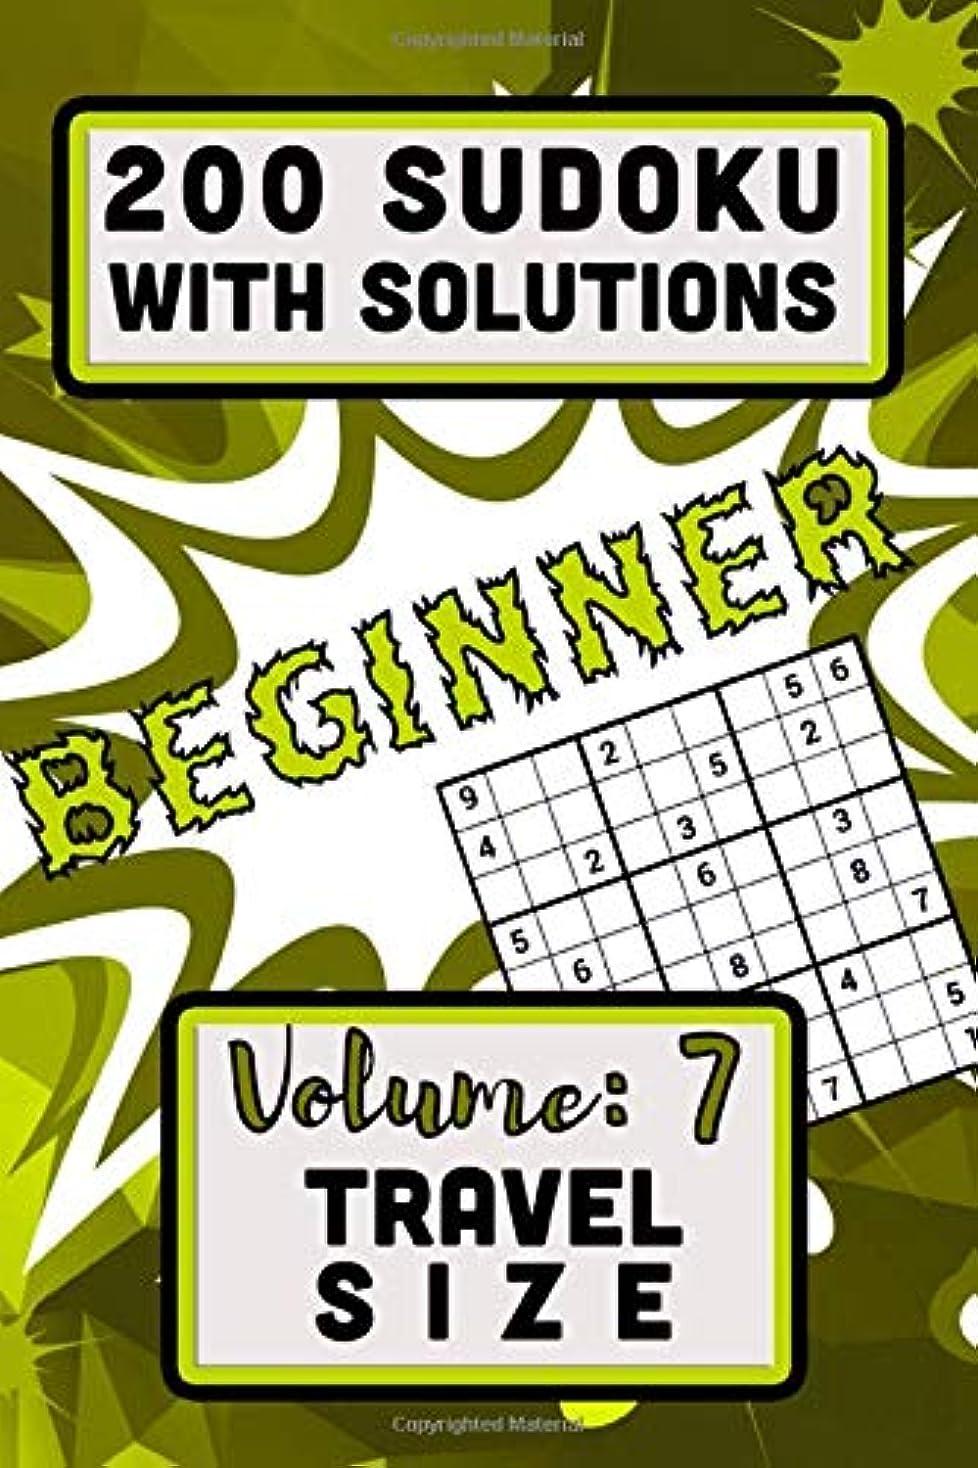 不道徳いじめっ子致死200 Sudoku with Solutions - Beginner: Volume 7, Travel Size (Series:  Travel Size)